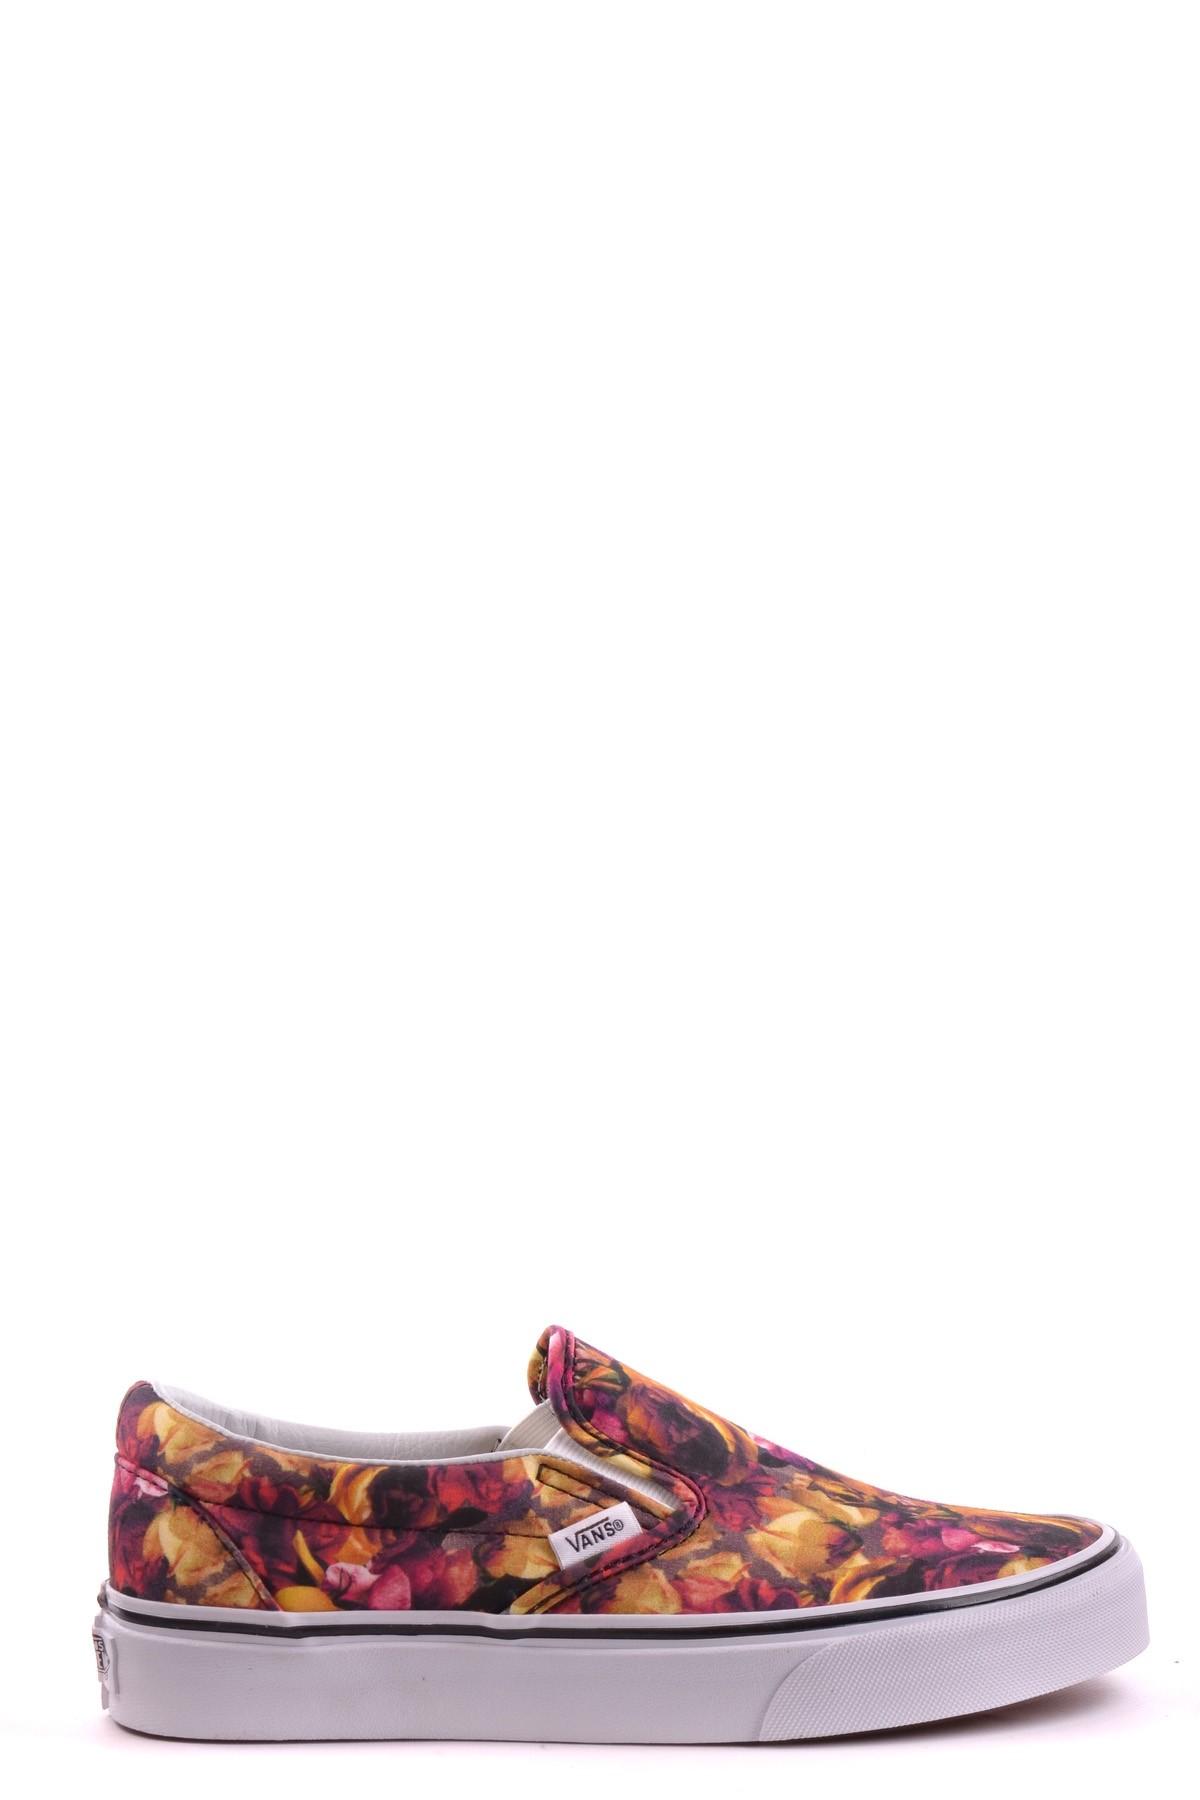 vans mujer sneakers